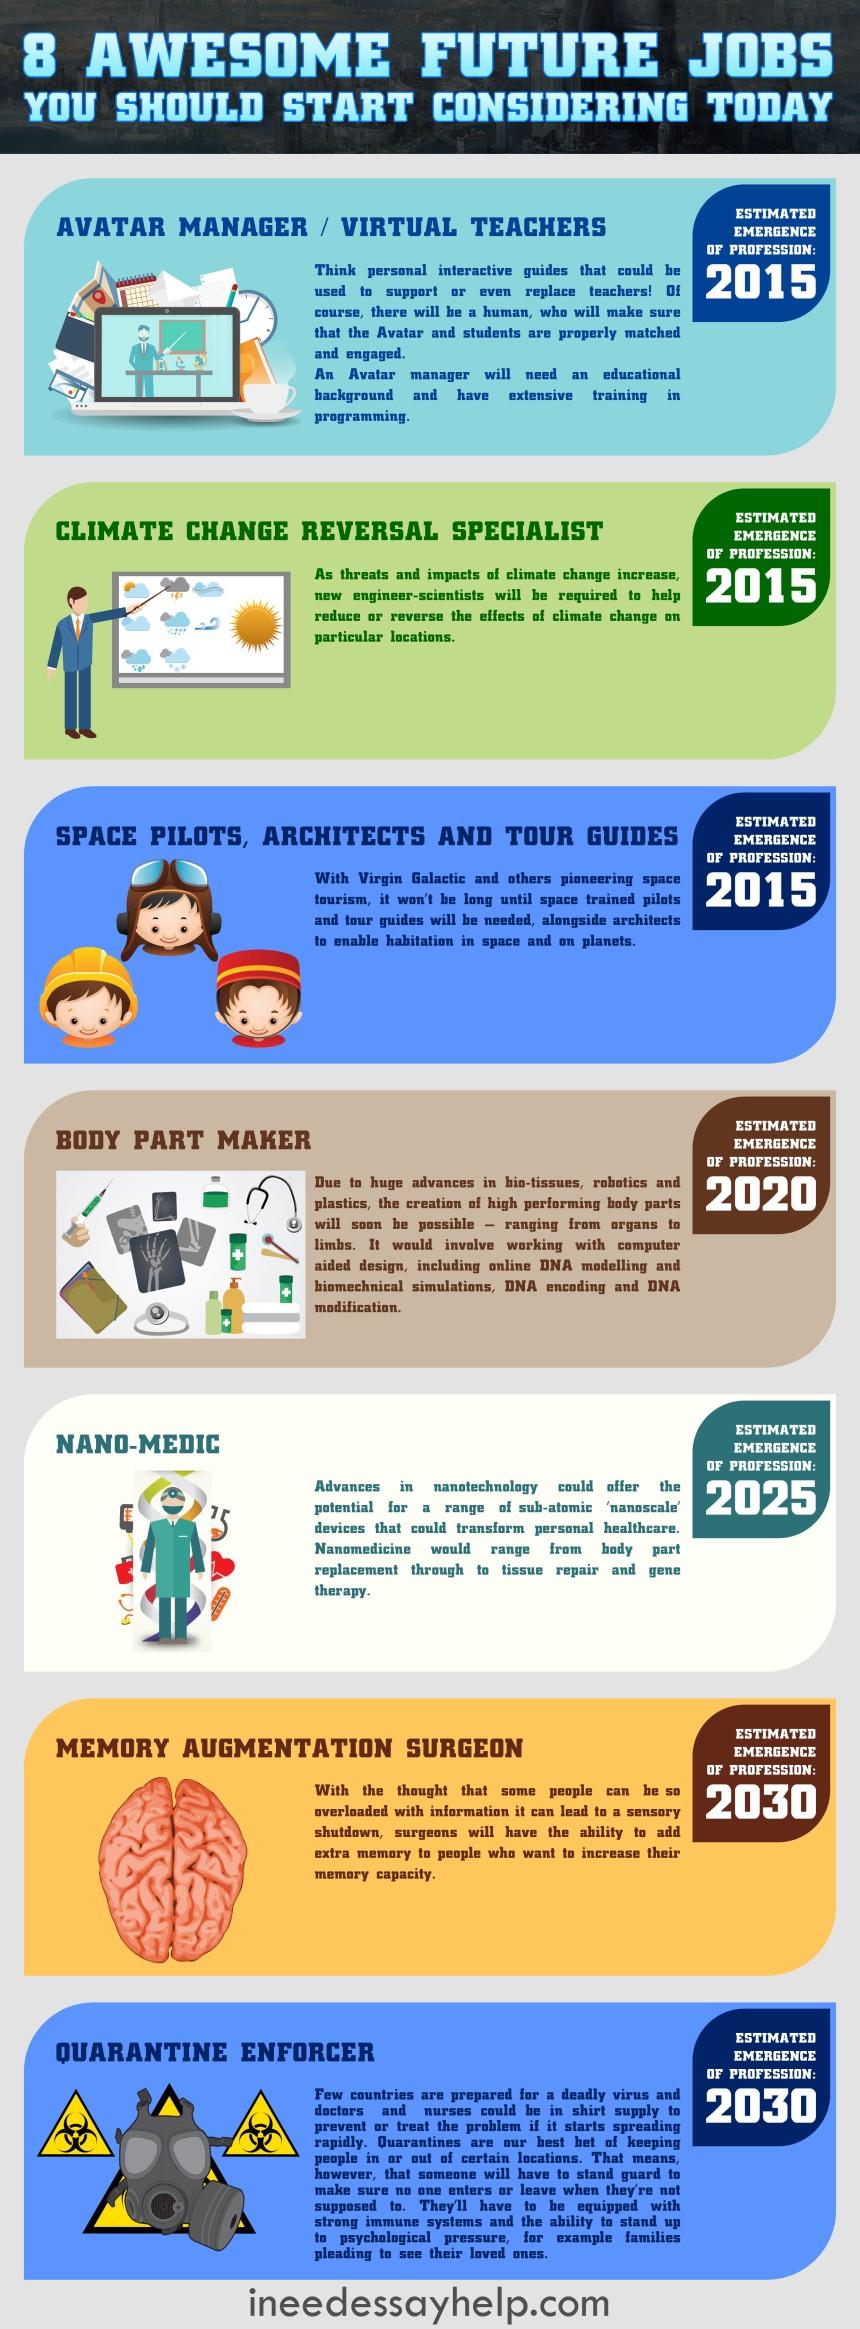 8 trabajos del futuro que podrías pensar en preparar